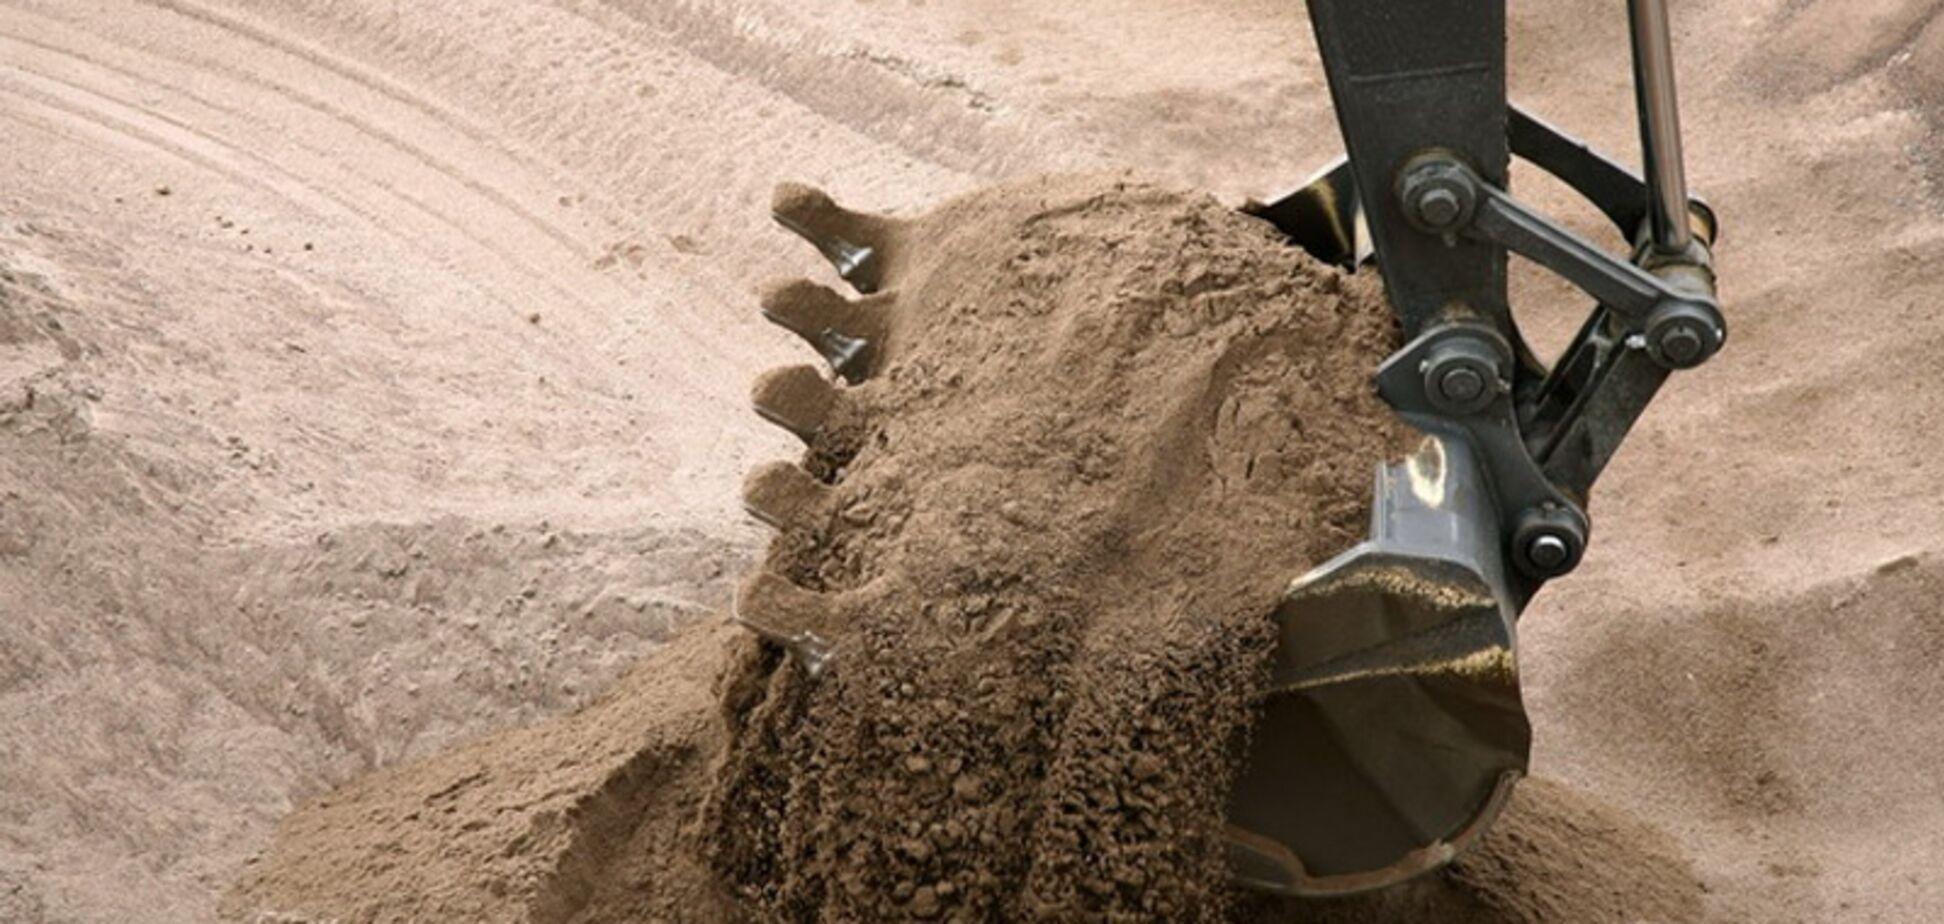 Нелегальная добыча песка в Киеве: Южному мосту грозит разрушение